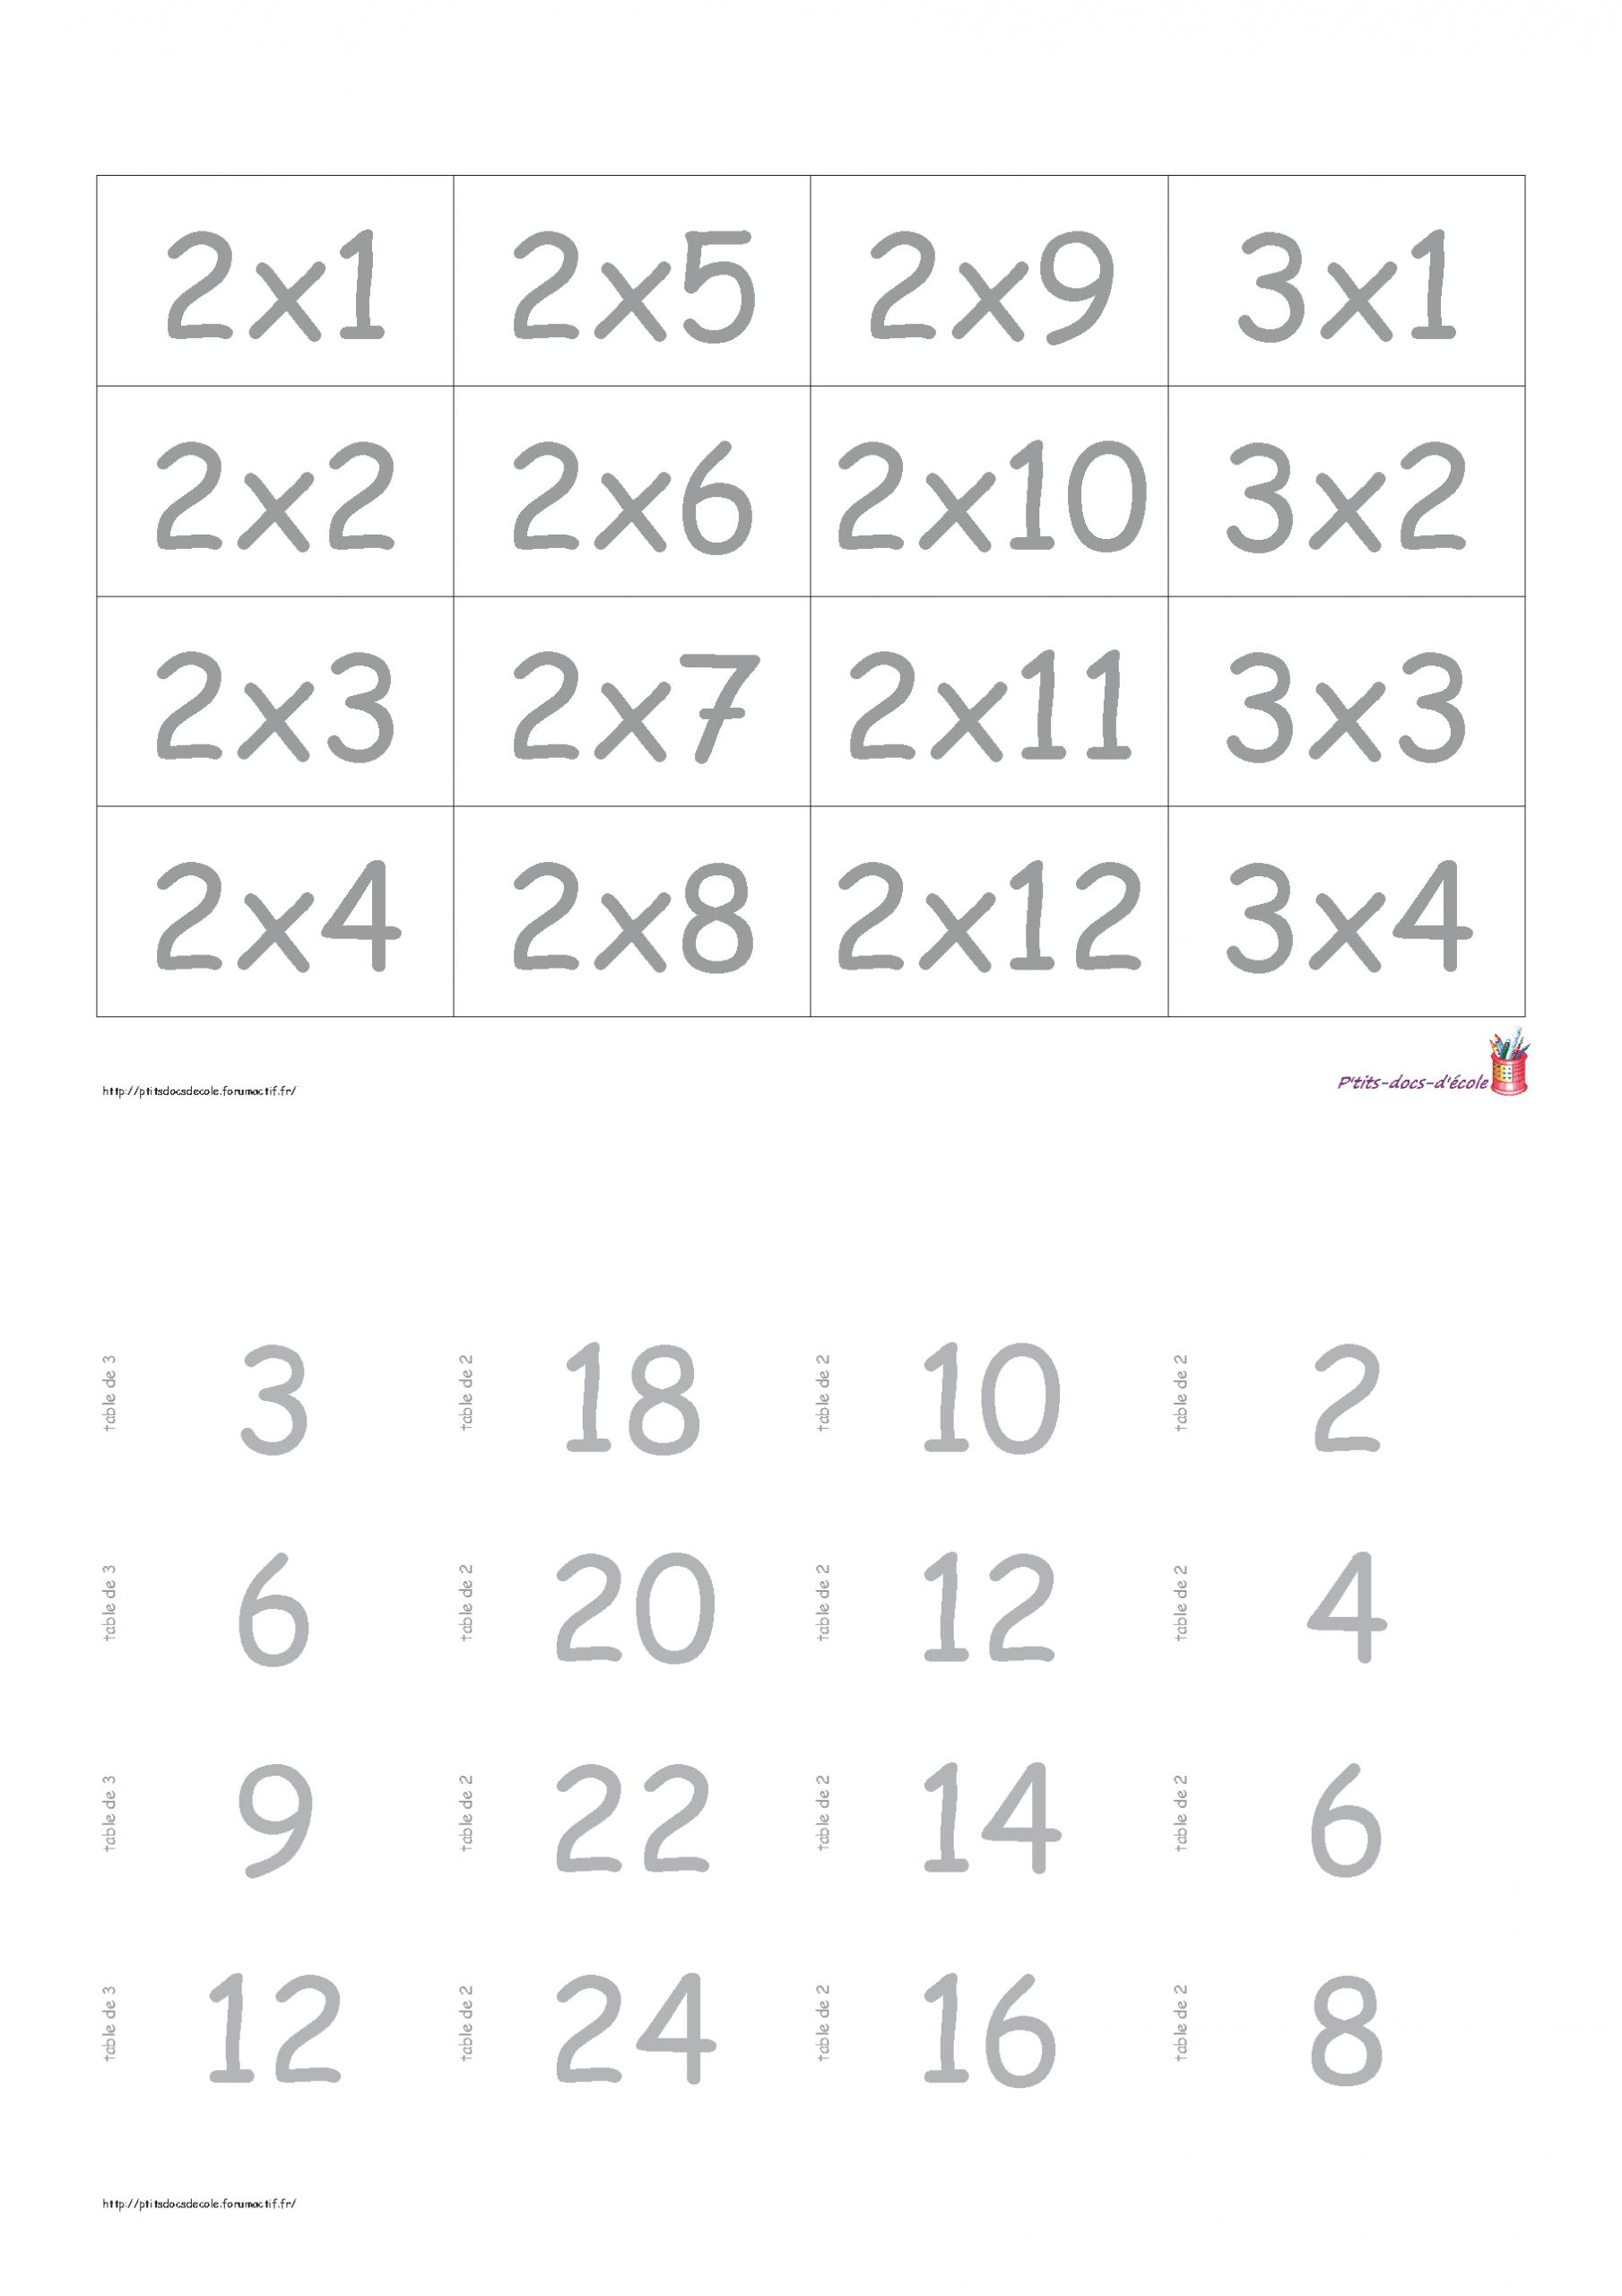 Épinglé Sur M - Násobilka intérieur Tables De Multiplication Jeux À Imprimer